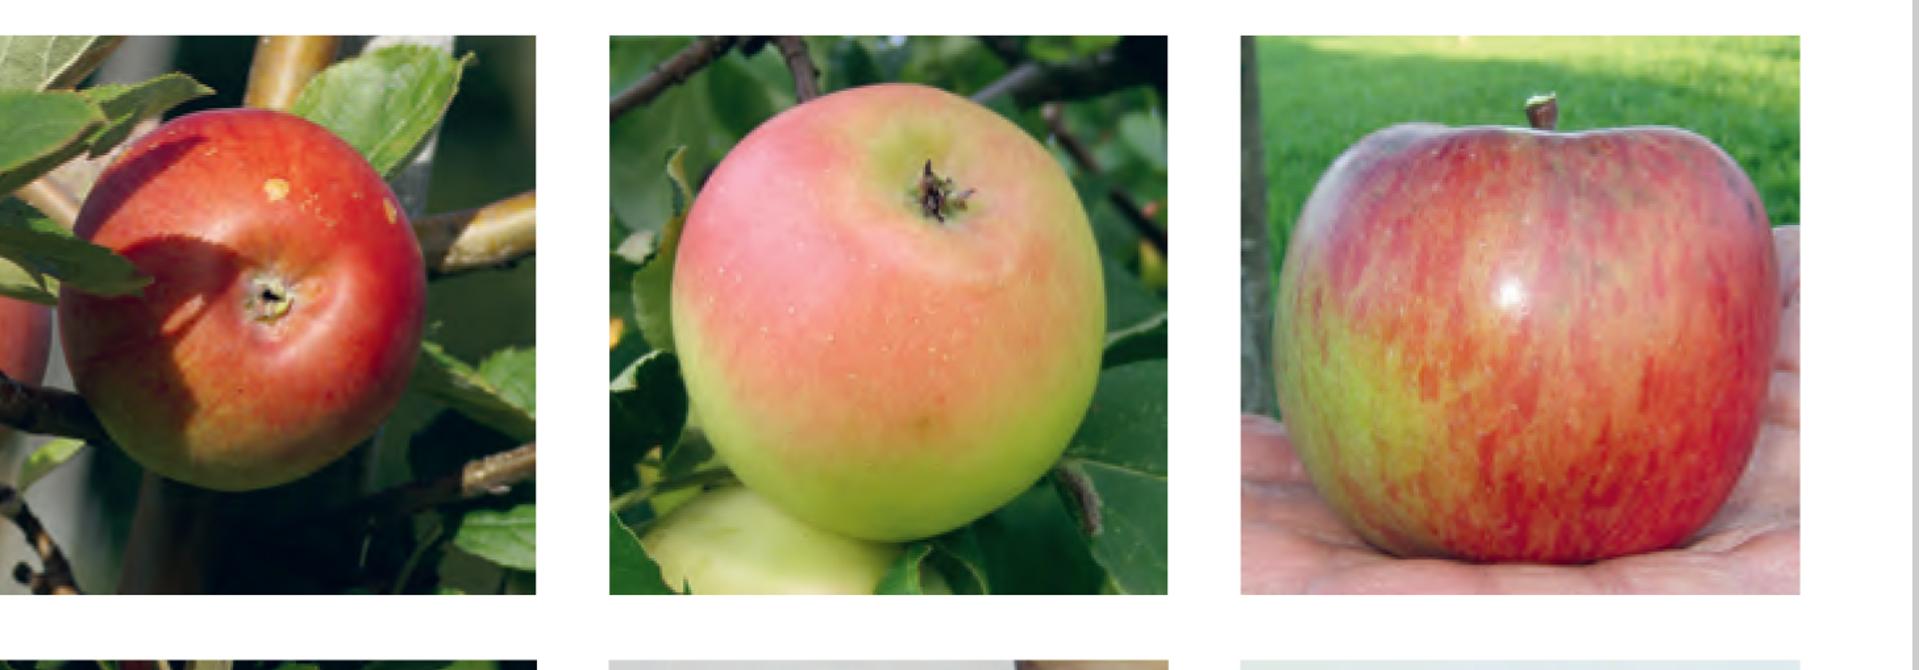 FRUCTUS-Sortenliste Feldobstbau: Robuste Apfelsorten (2019)>